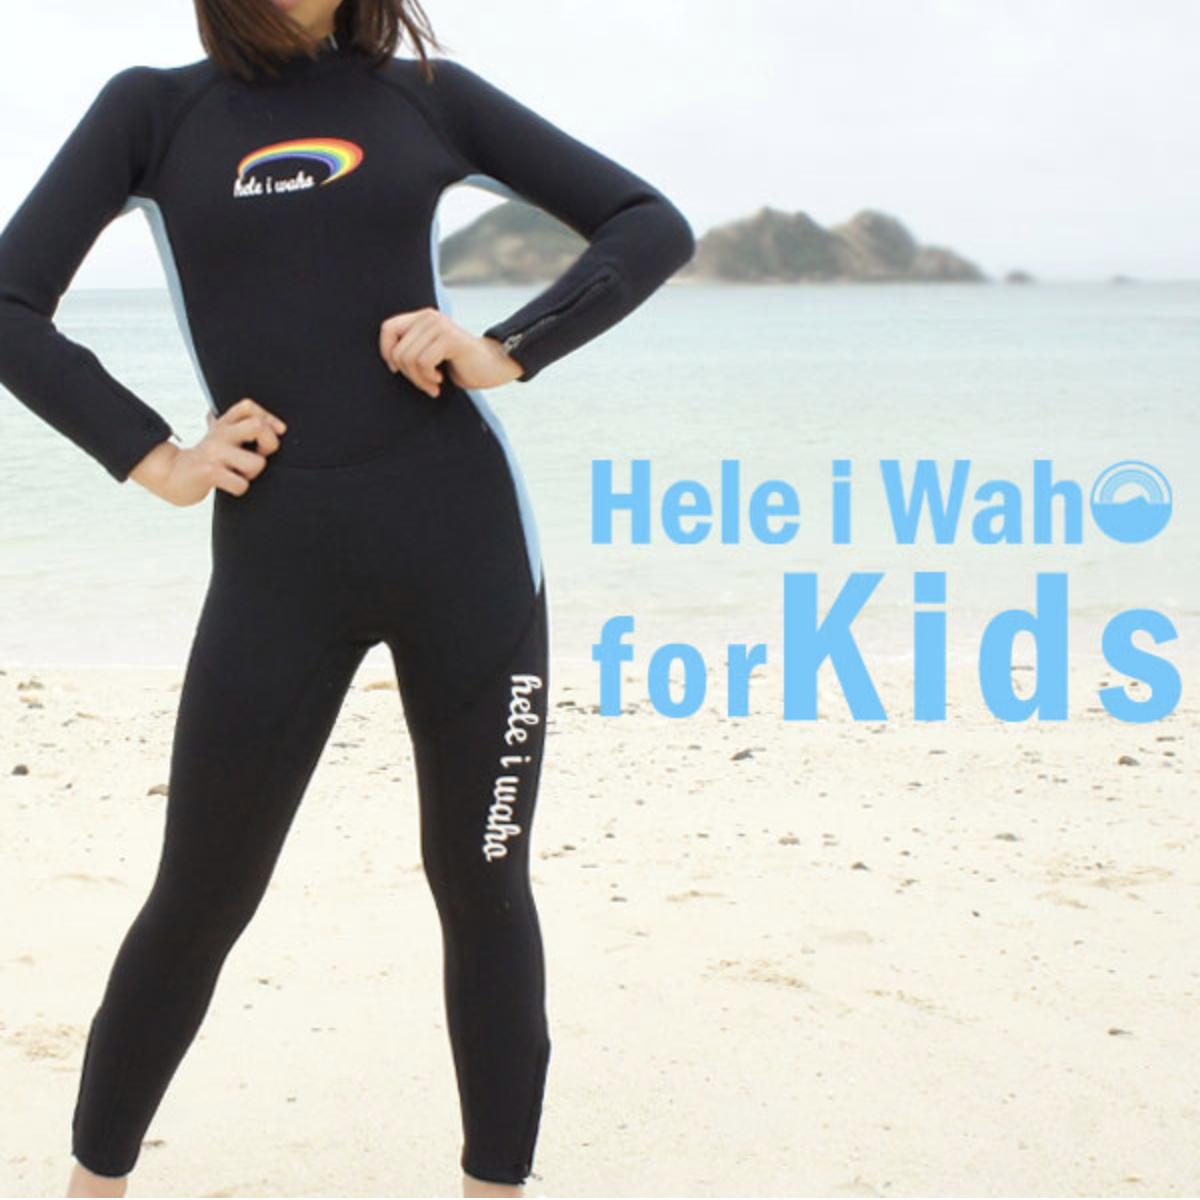 子供用 ウェットスーツ おすすめ 安い 1万円以下 ヘレイワホ